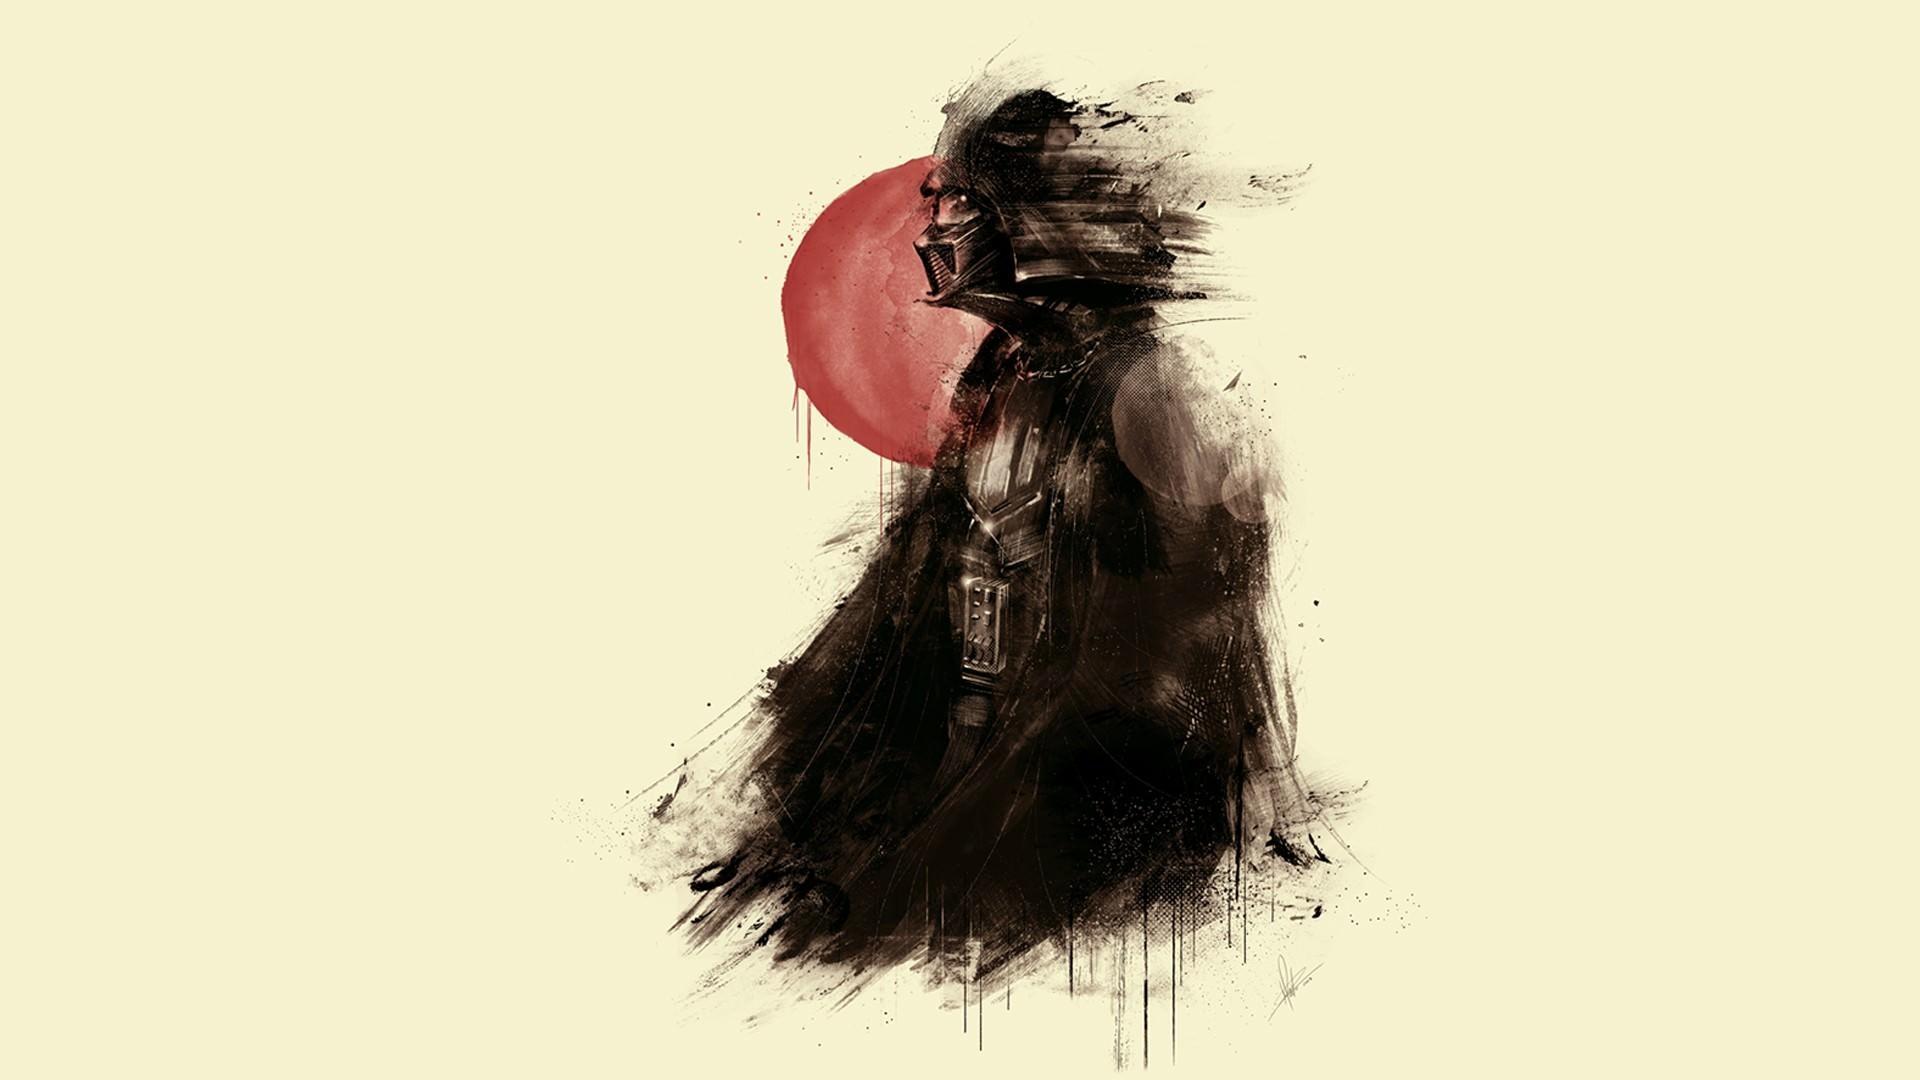 Darth Vader Wallpaper …